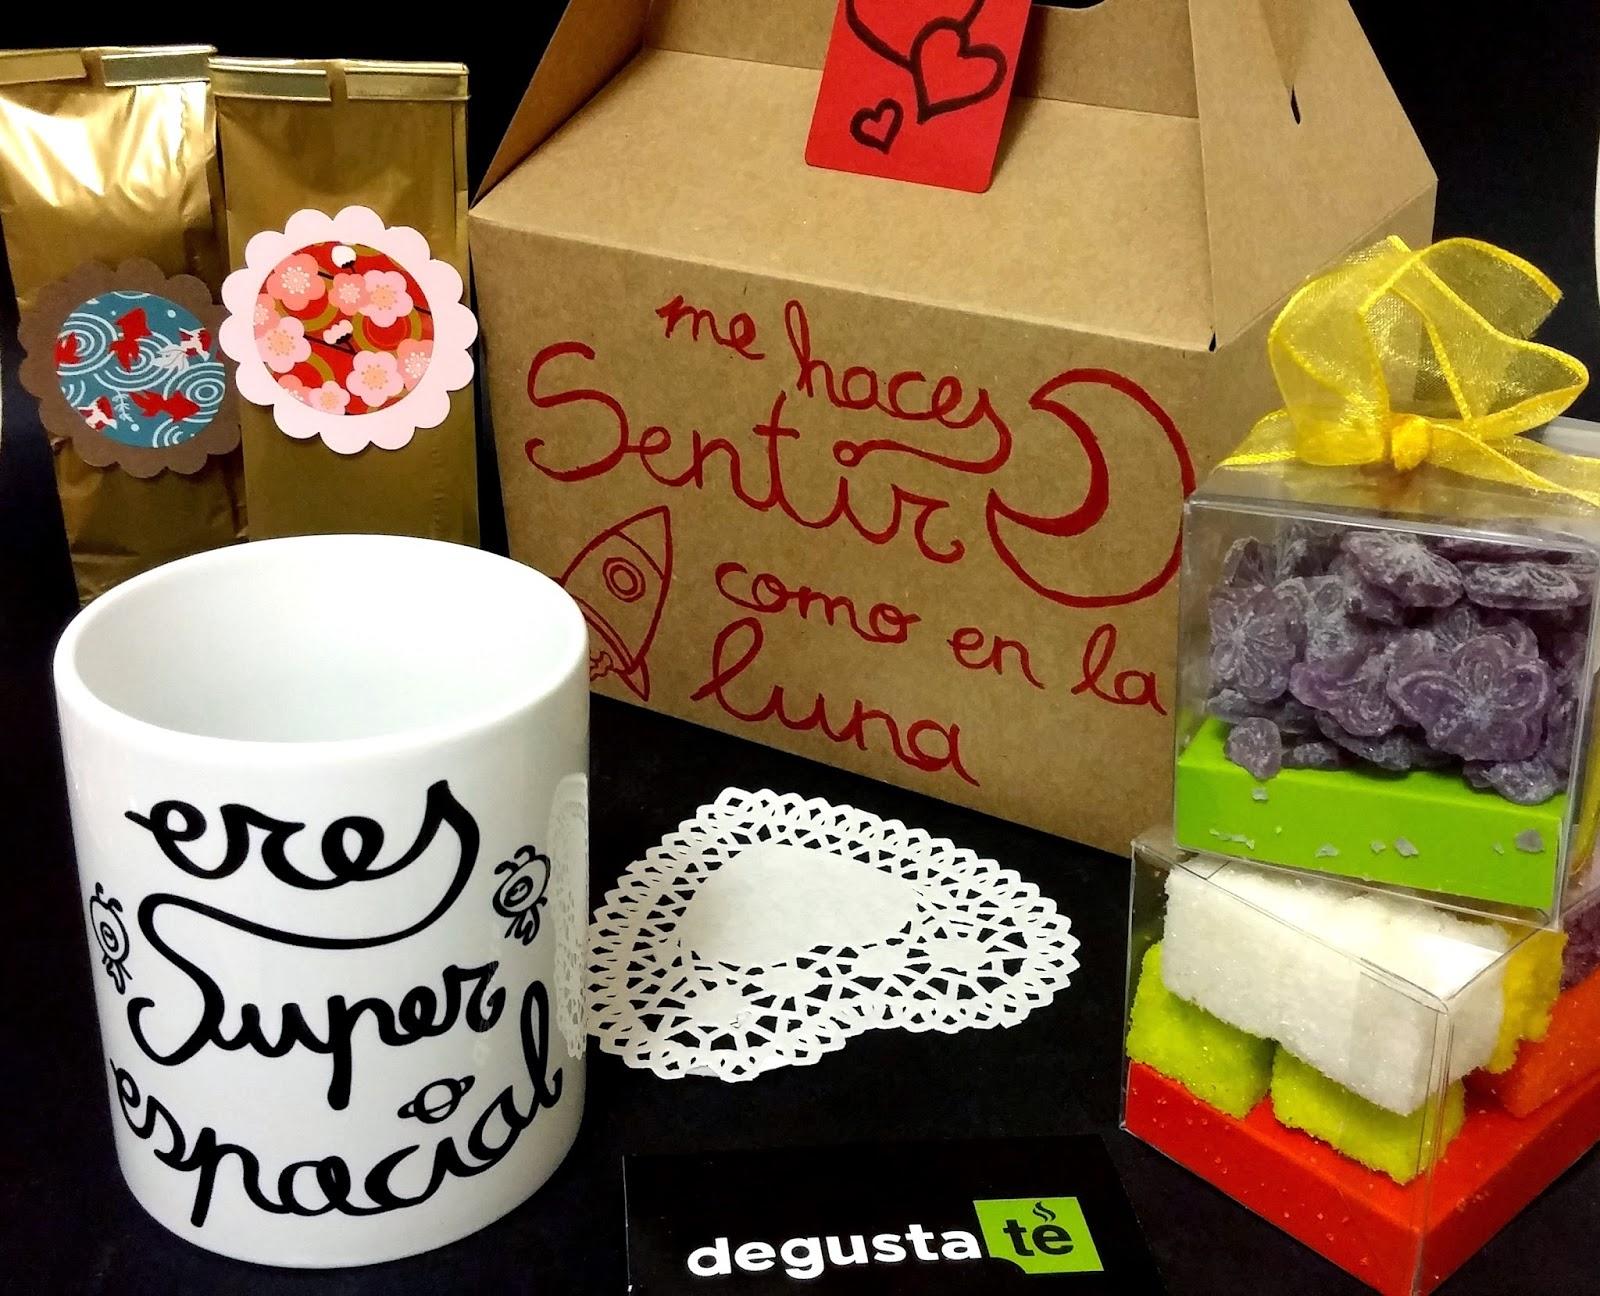 Club Degustat Regalos Originales Para San Valentin 2015 ~ Regalos Originales San Valentin